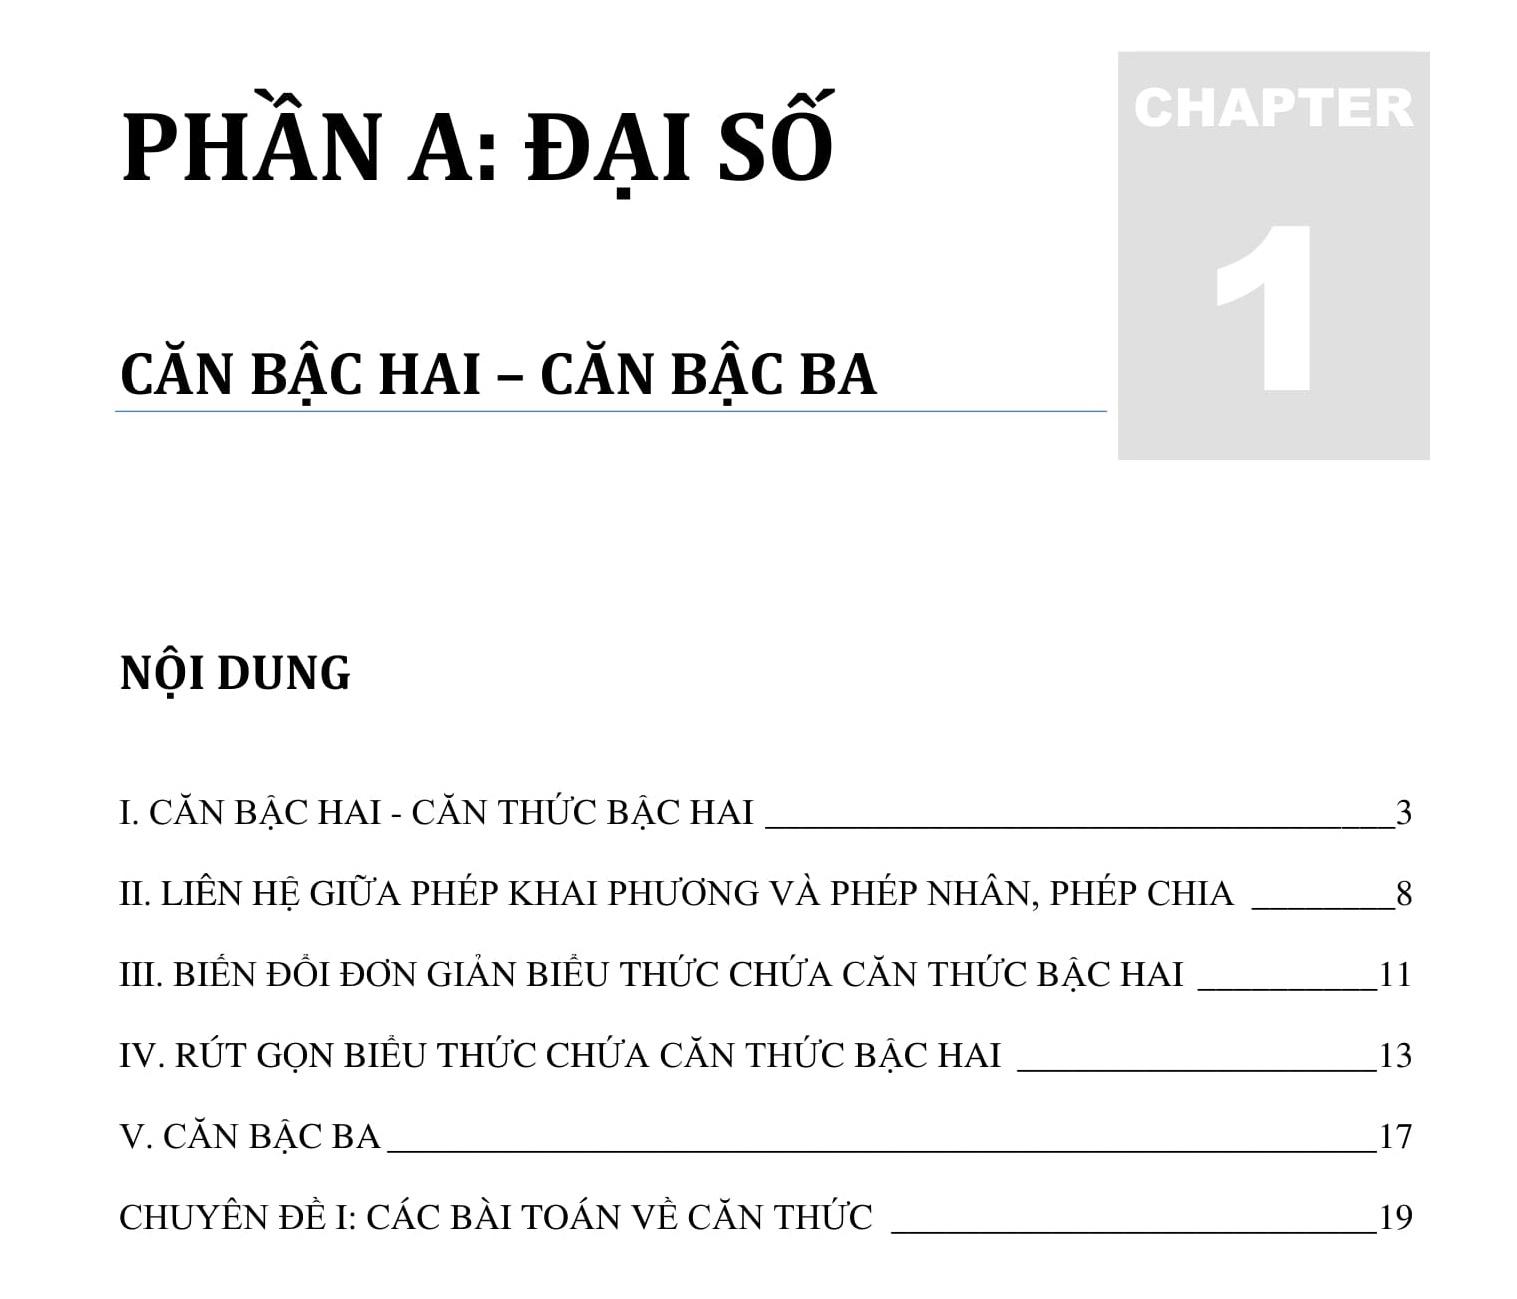 Đề cương toán 9 HK1 năm 2021 được tổng hợp